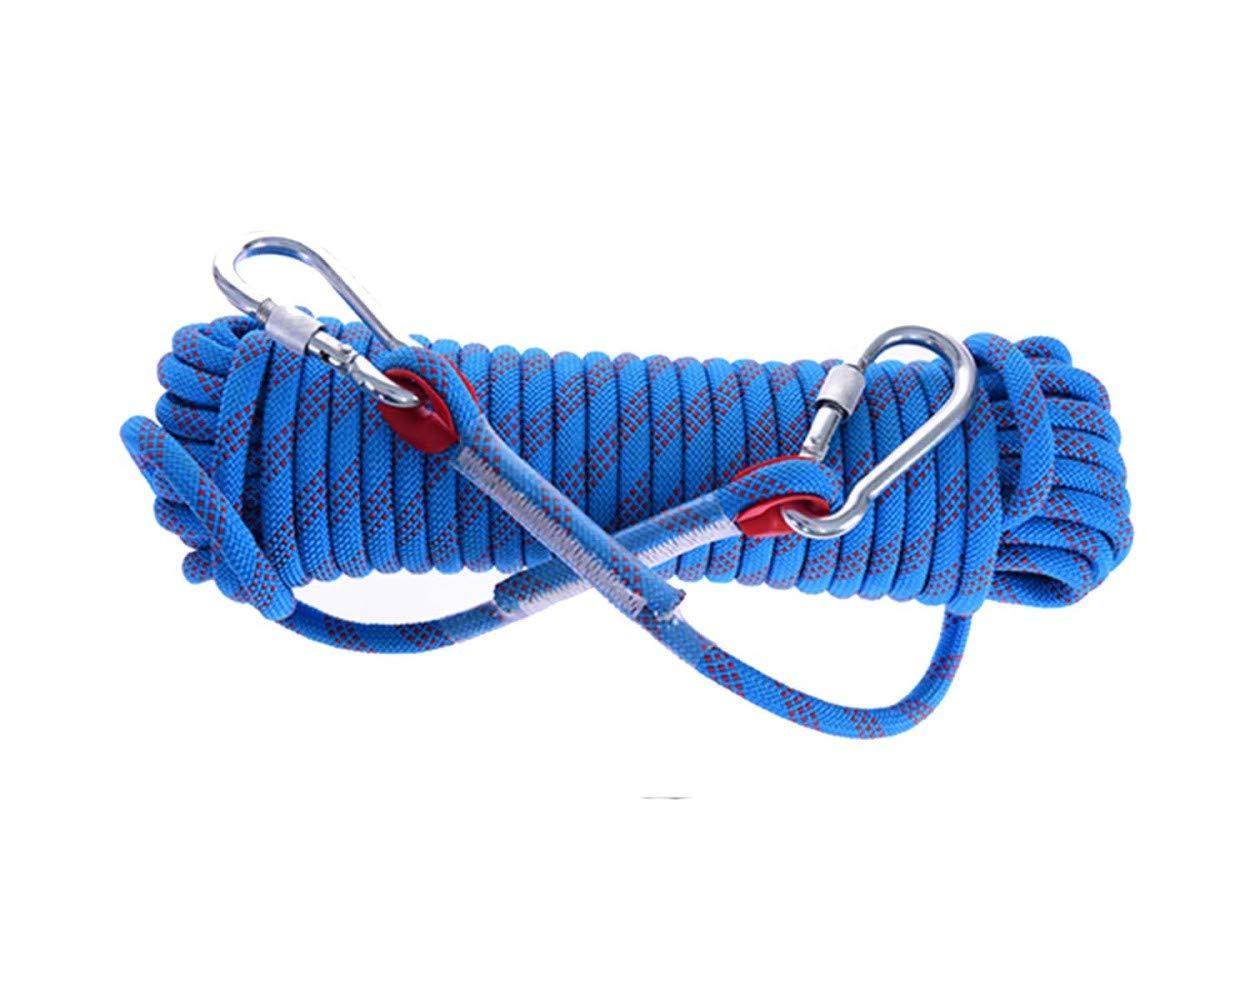 Bleu ZAIYI Escalade Extérieure De Haute Altitude, Camping, Corde De Sécurité, Antidérapante Et Résistante à l'usure, 10 12 14 Mm,bleu-14mm30m 14mm10m